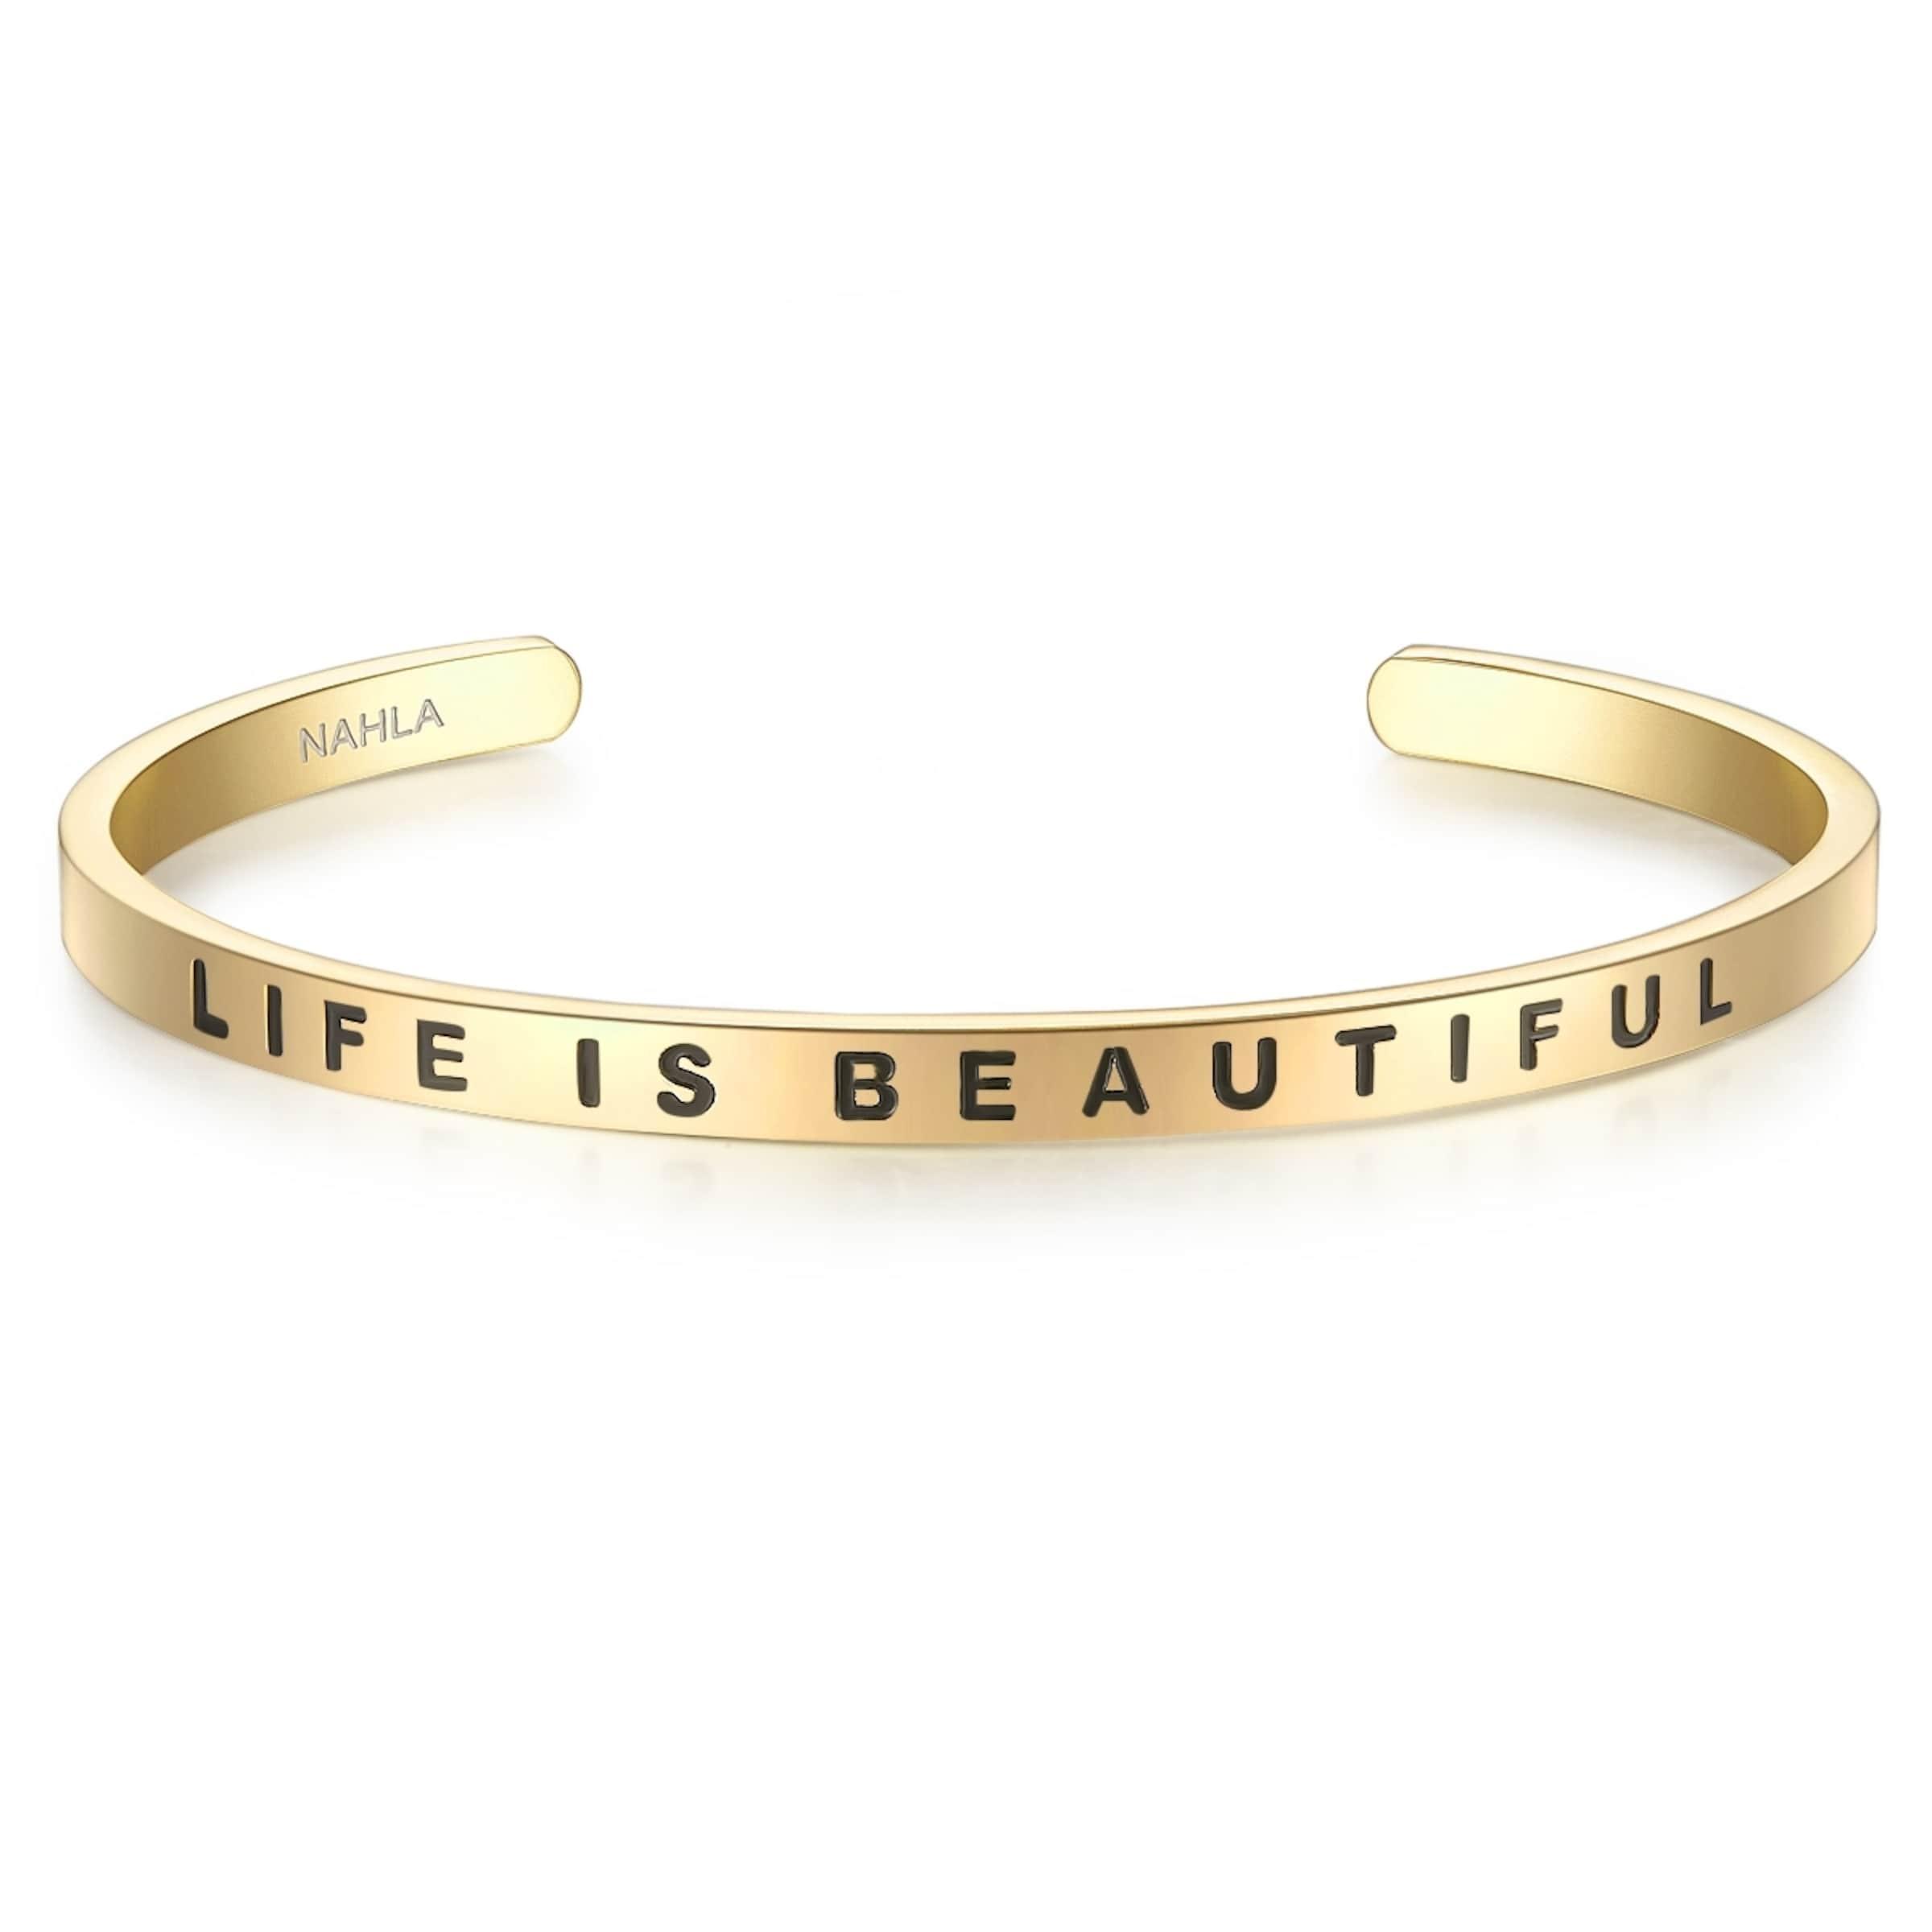 Nahla Jewels Armband mit LIFE IS BEAUTIFUL-Schriftzug Niedriger Preis Zu Verkaufen Die Besten Preise Günstiger Preis Exklusiv D5t6O4Yc